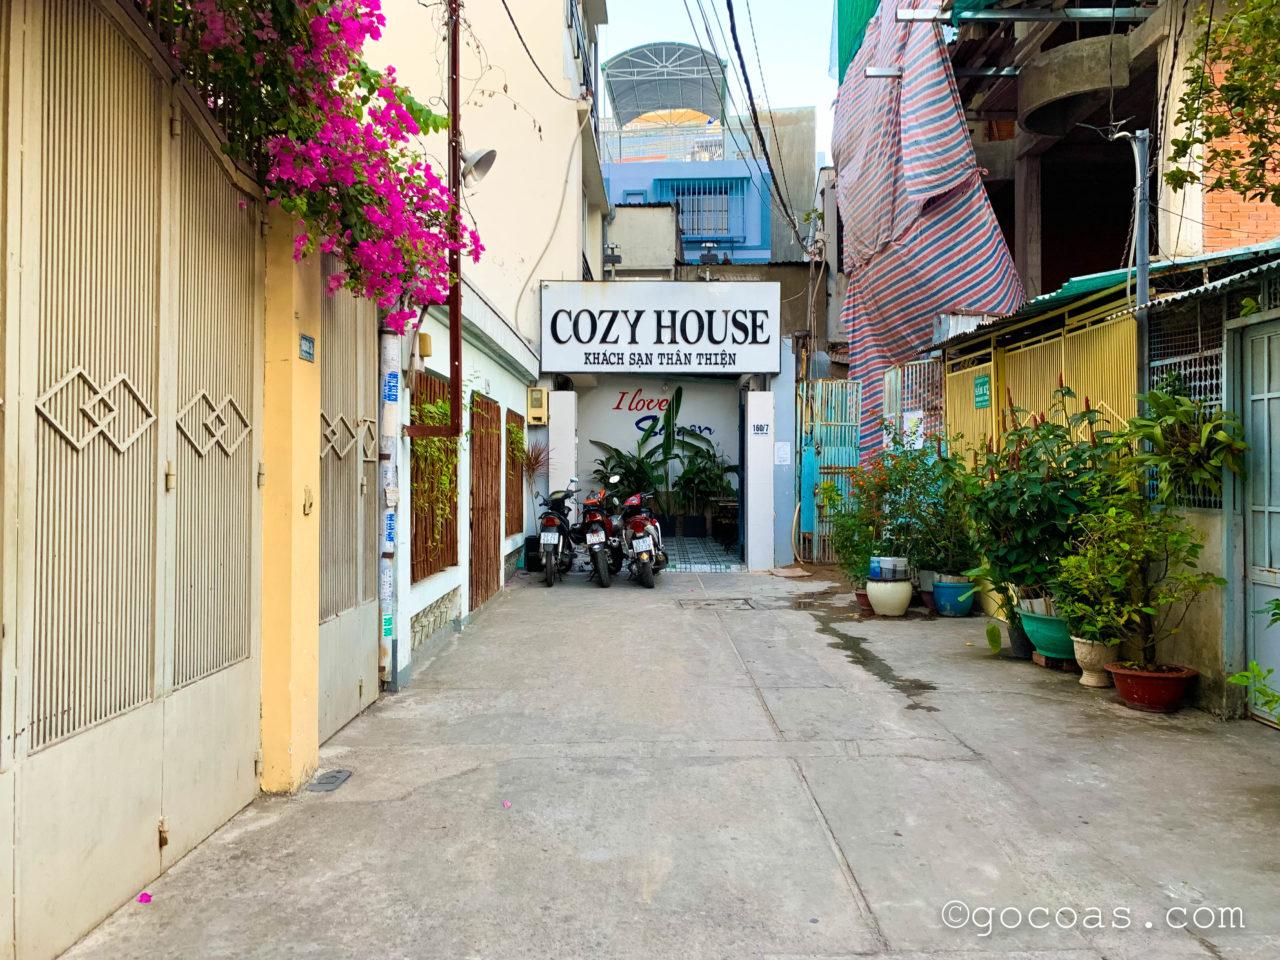 コージー ハウス 160 (Cozy House 160)入り口